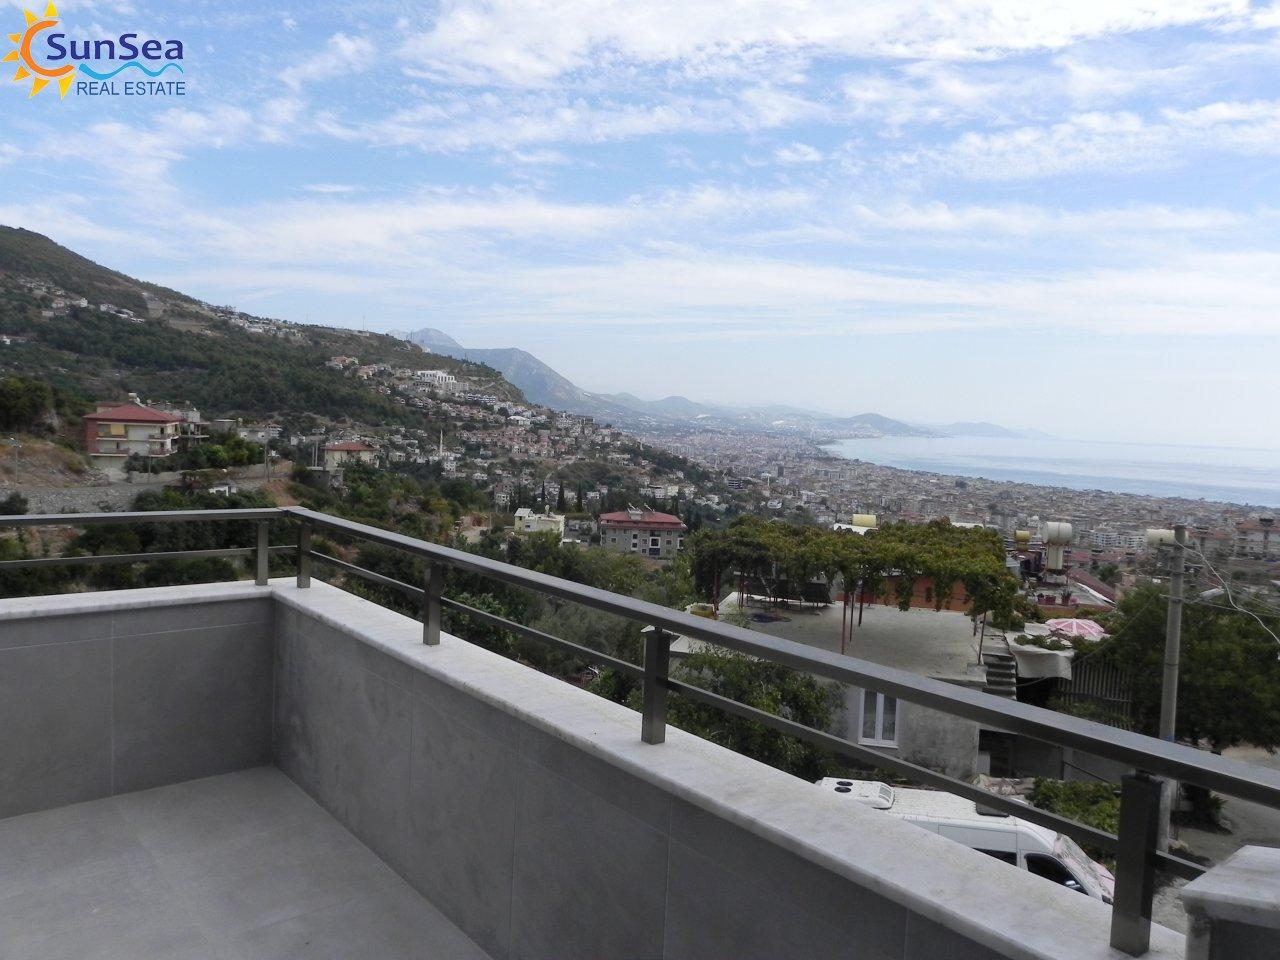 Kerem apart balcony